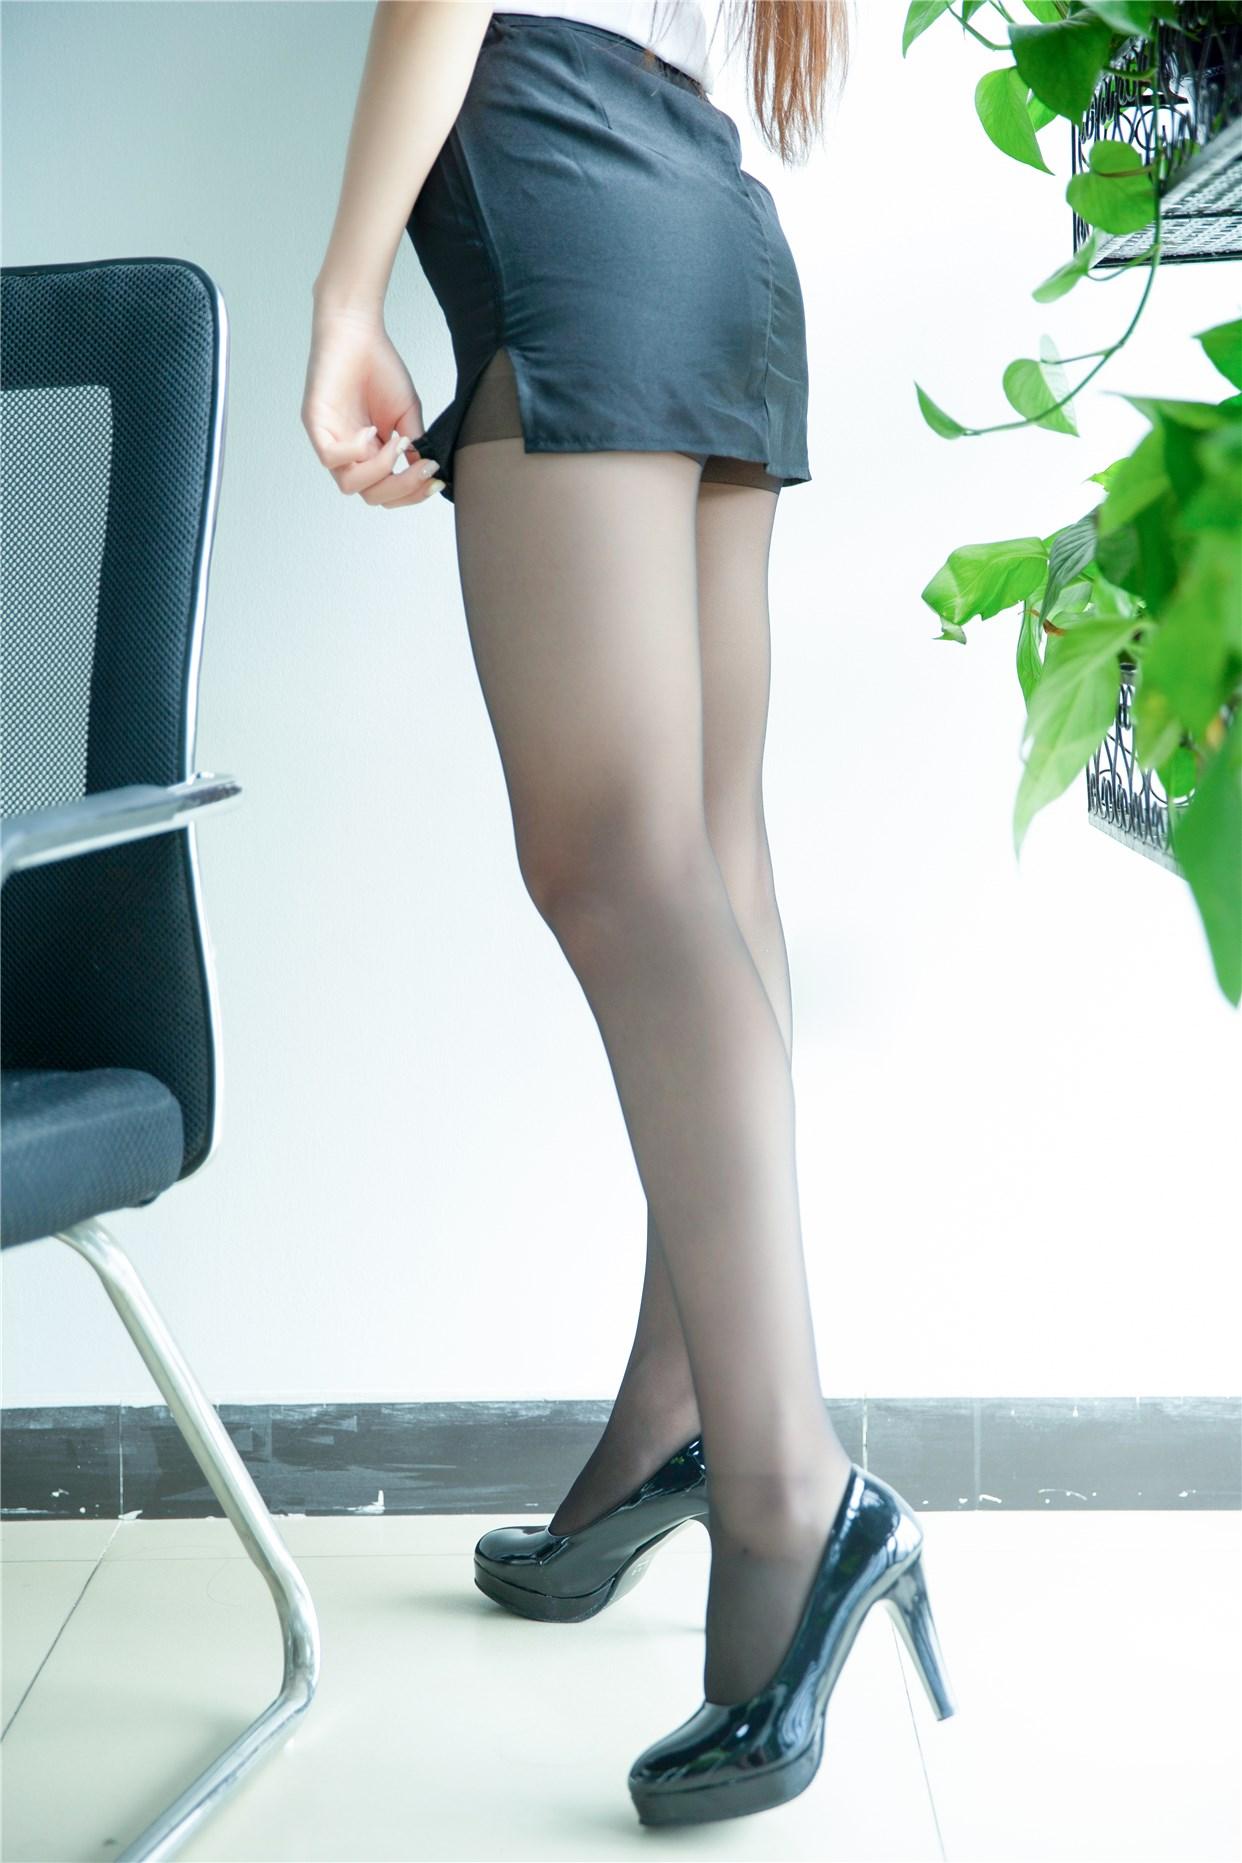 【兔玩映画】秘书姐姐 兔玩映画 第26张